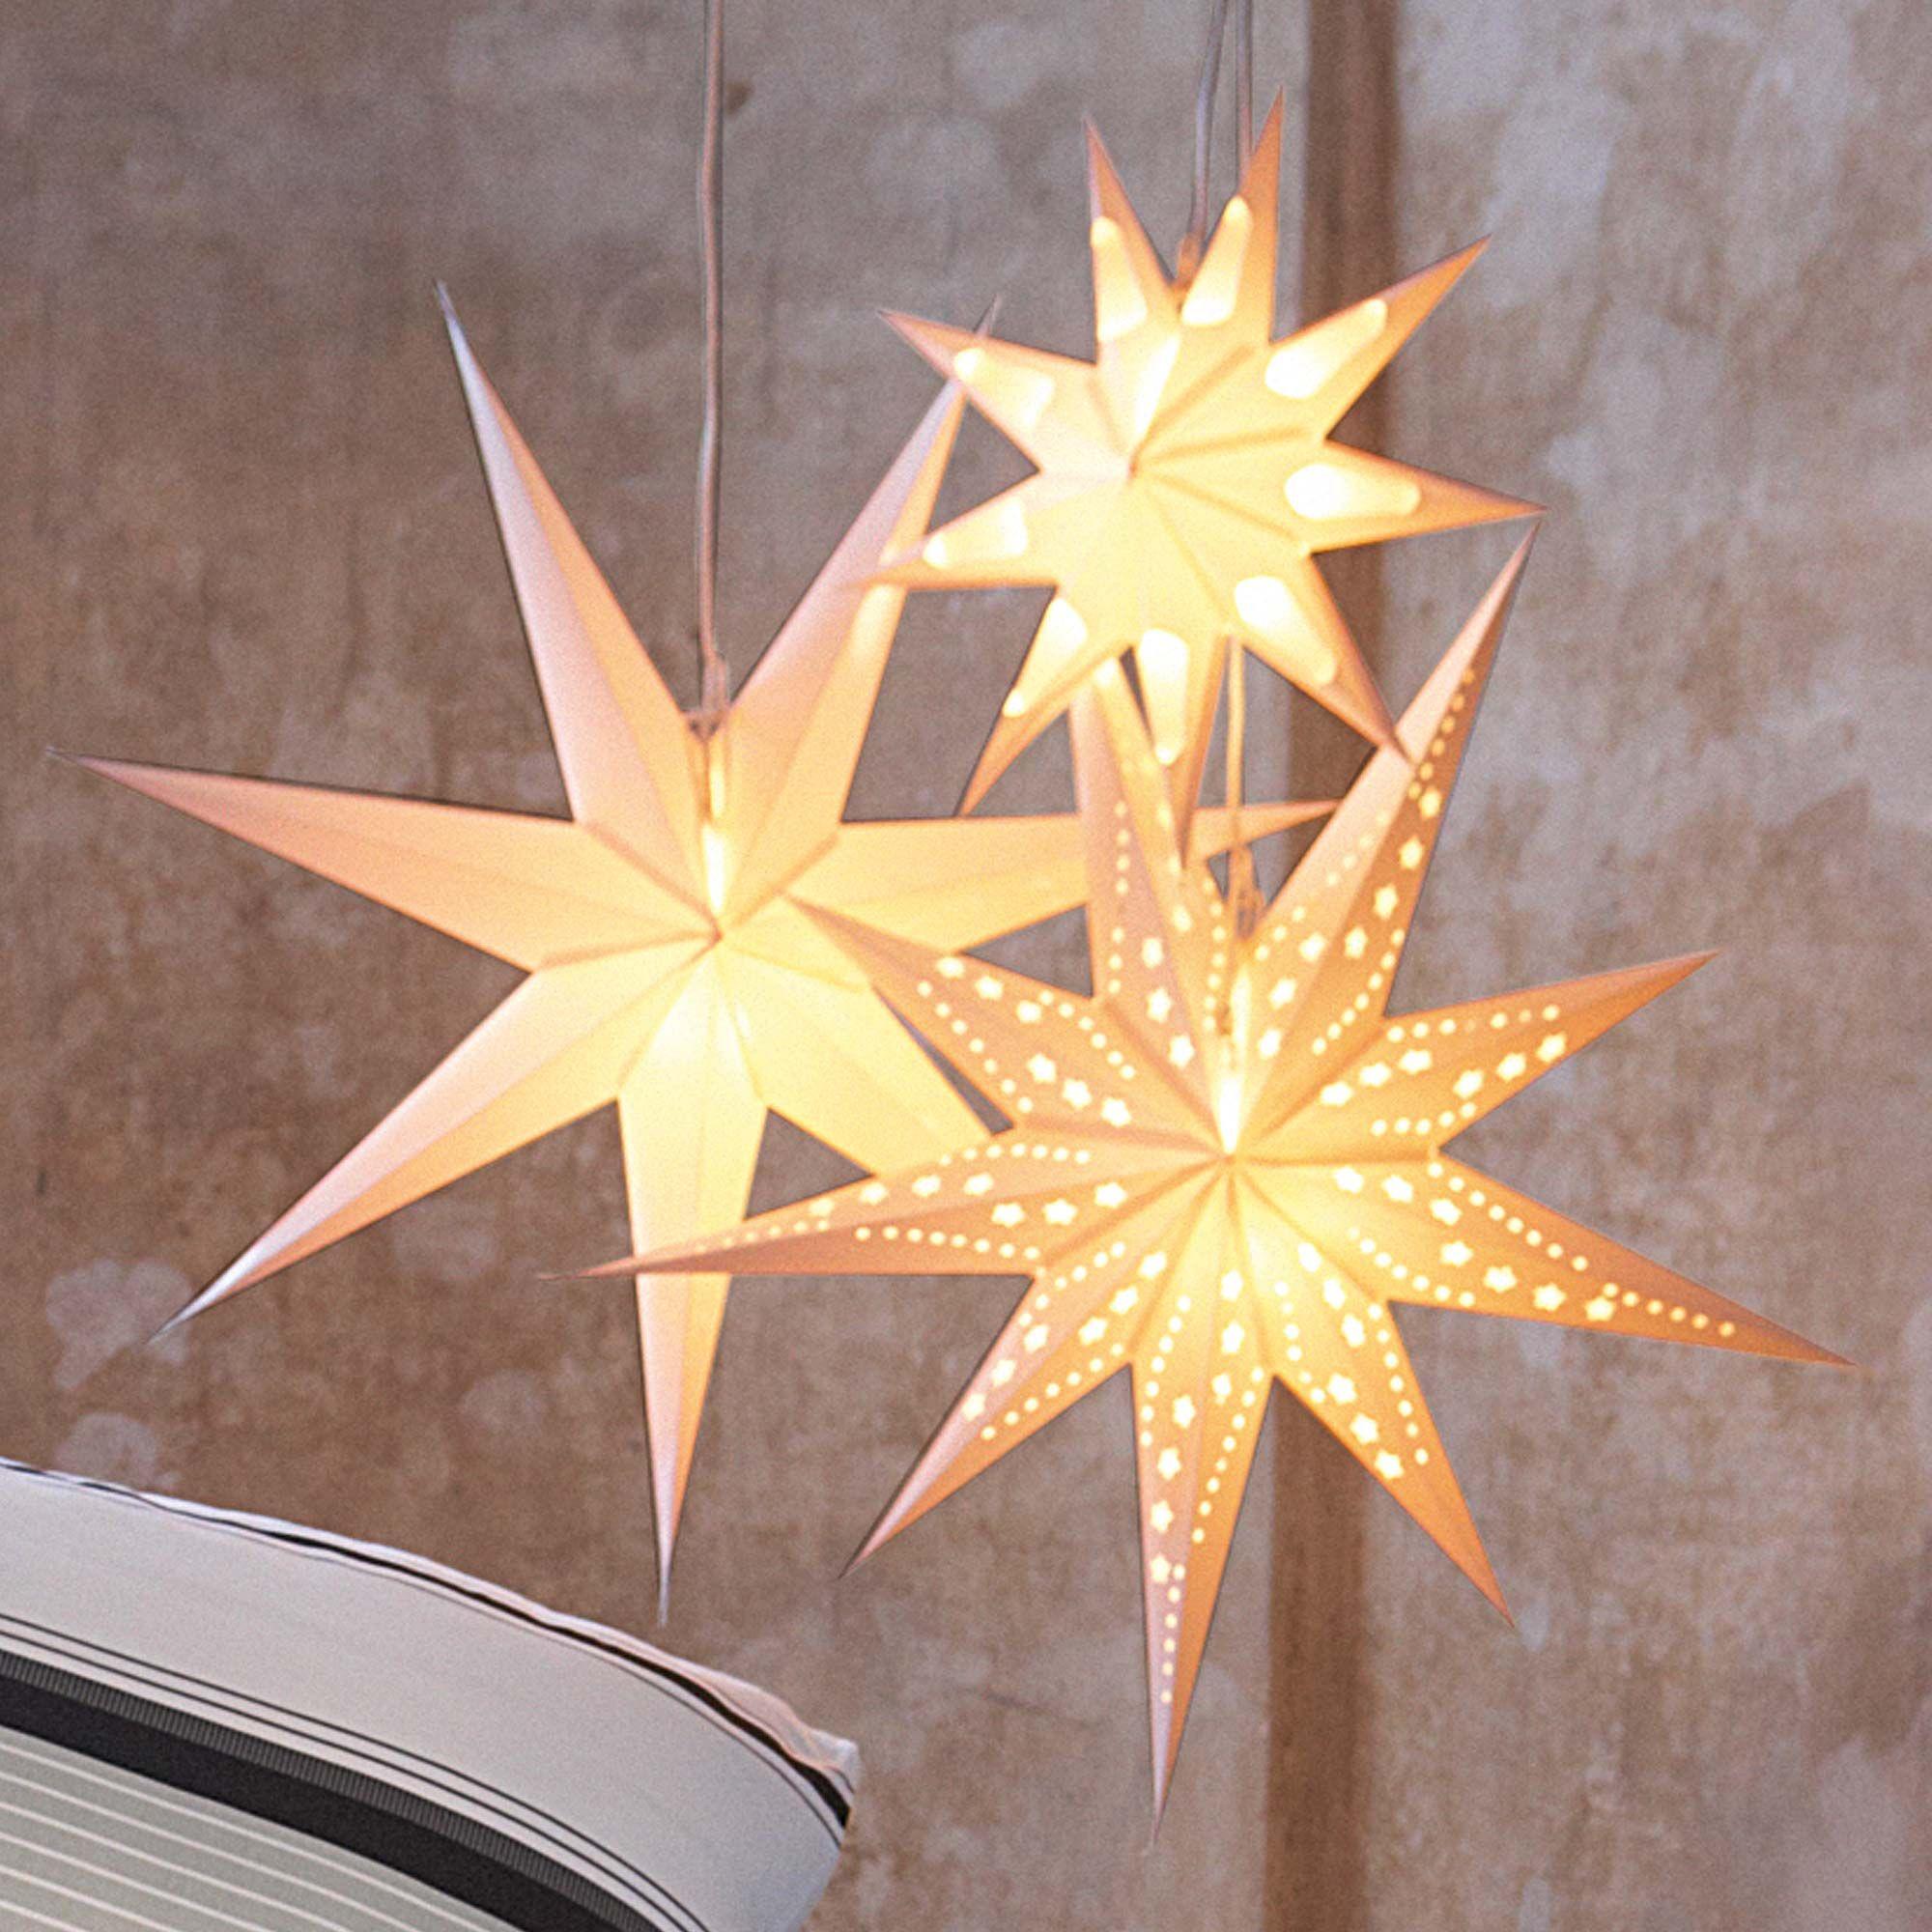 dekostern star for decoration impressionen christmas. Black Bedroom Furniture Sets. Home Design Ideas